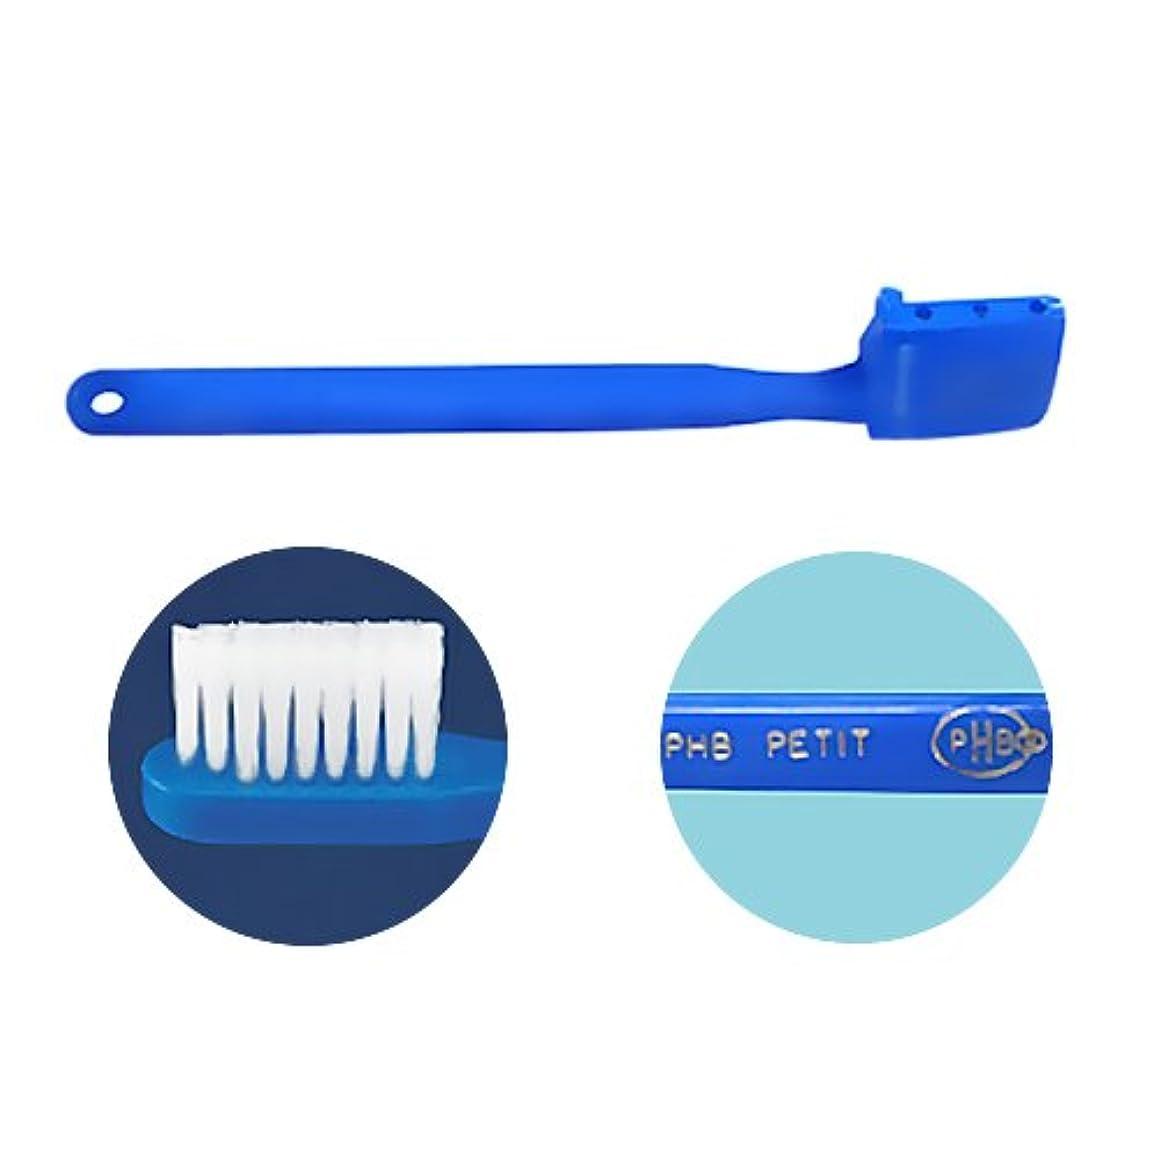 正確に真似る消毒剤PHB 歯ブラシ プチサイズ 1本 ネオンブルー